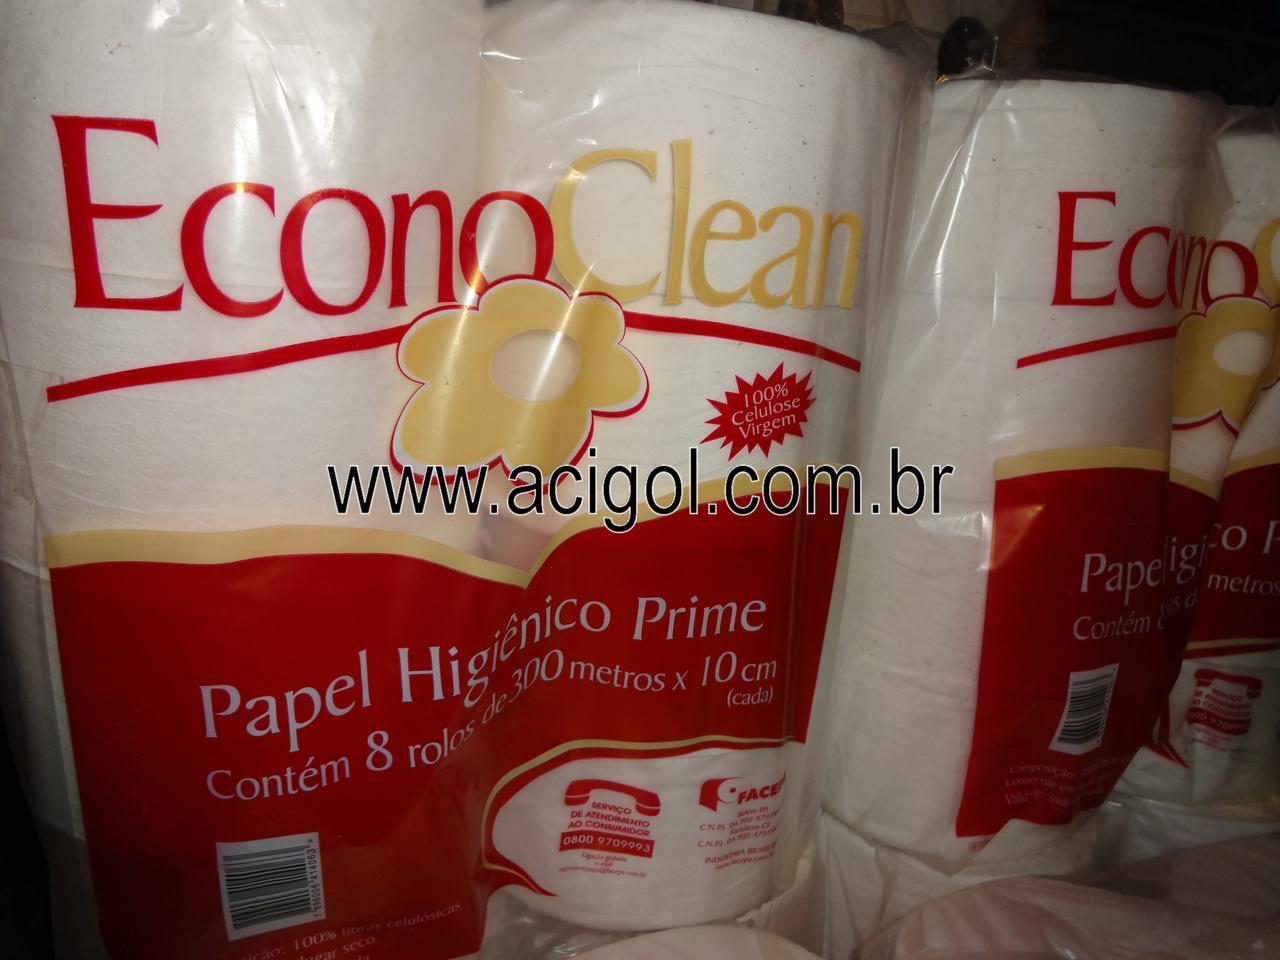 foto papel higiênico-prime-de luxe Acigol 81 34451782-108